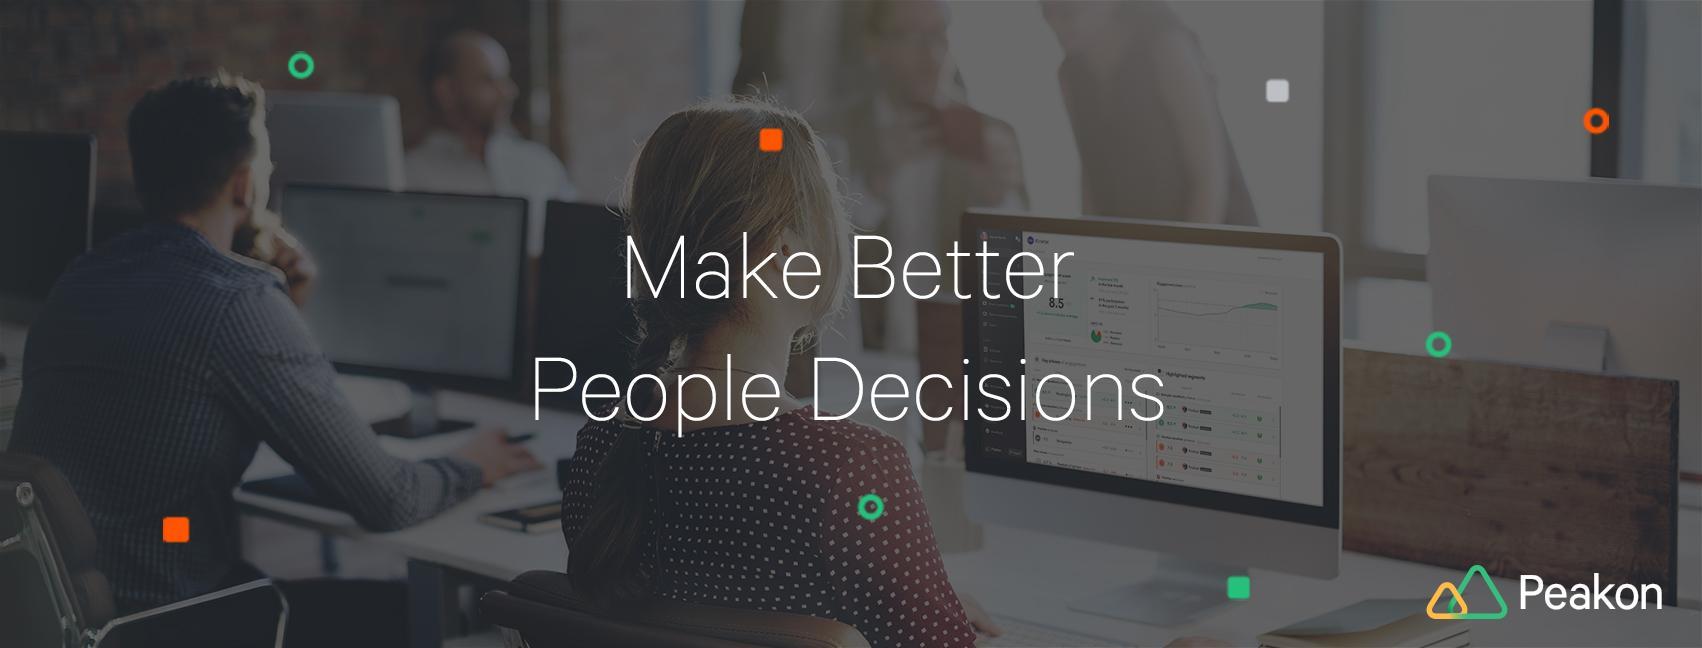 Avis Peakon : Logiciel d'engagement des collaborateurs - appvizer